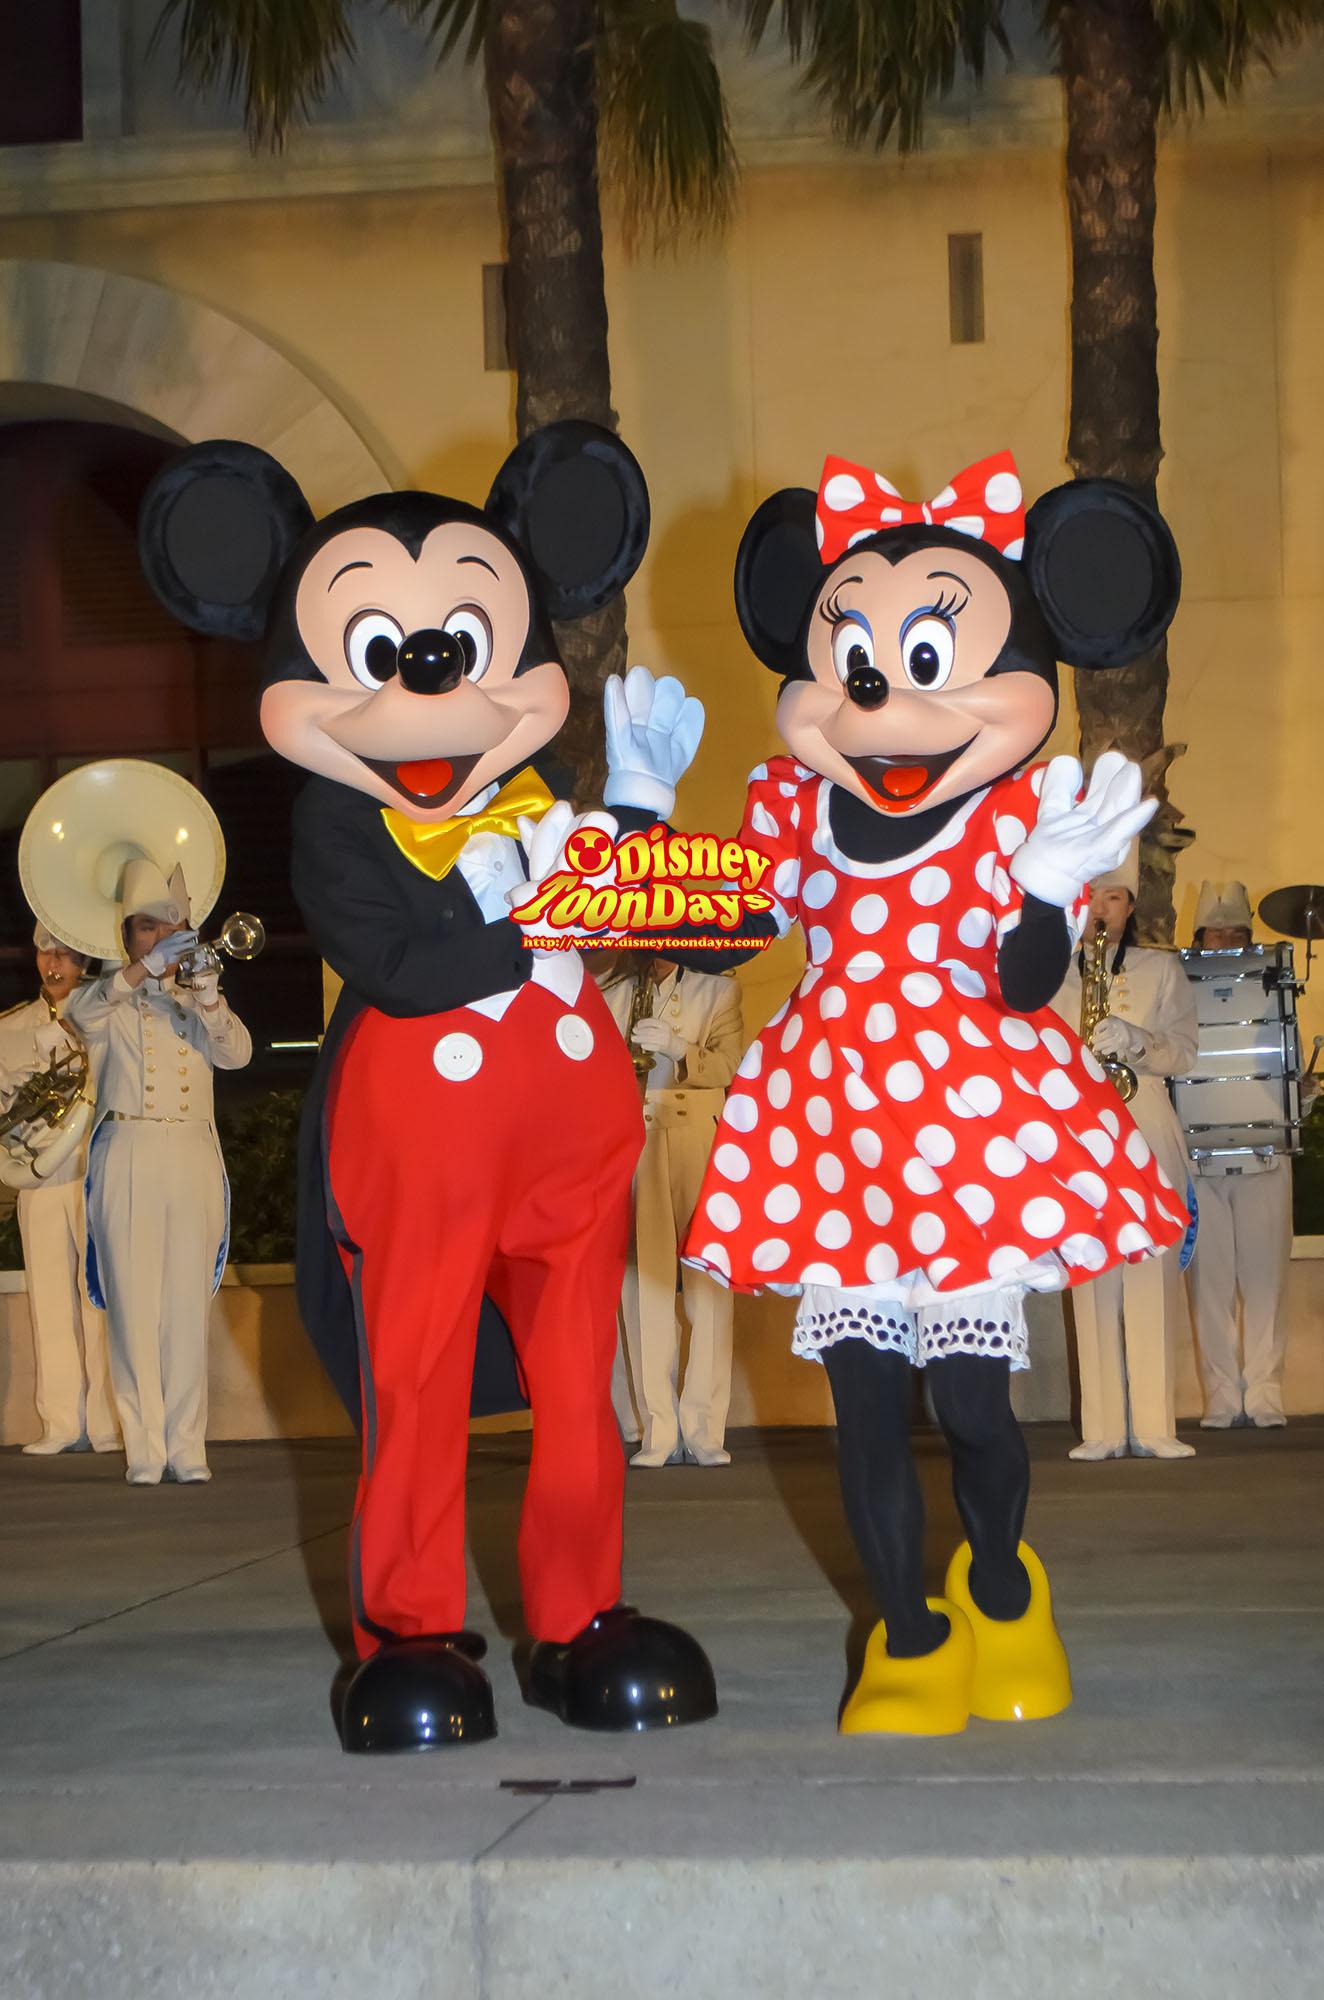 TDS ディズニーチャンネル プライベートイブニングパーティー ウェルカム・グリーティング フェアウェル・グリーティング ミッキーマウス ミニーマウス